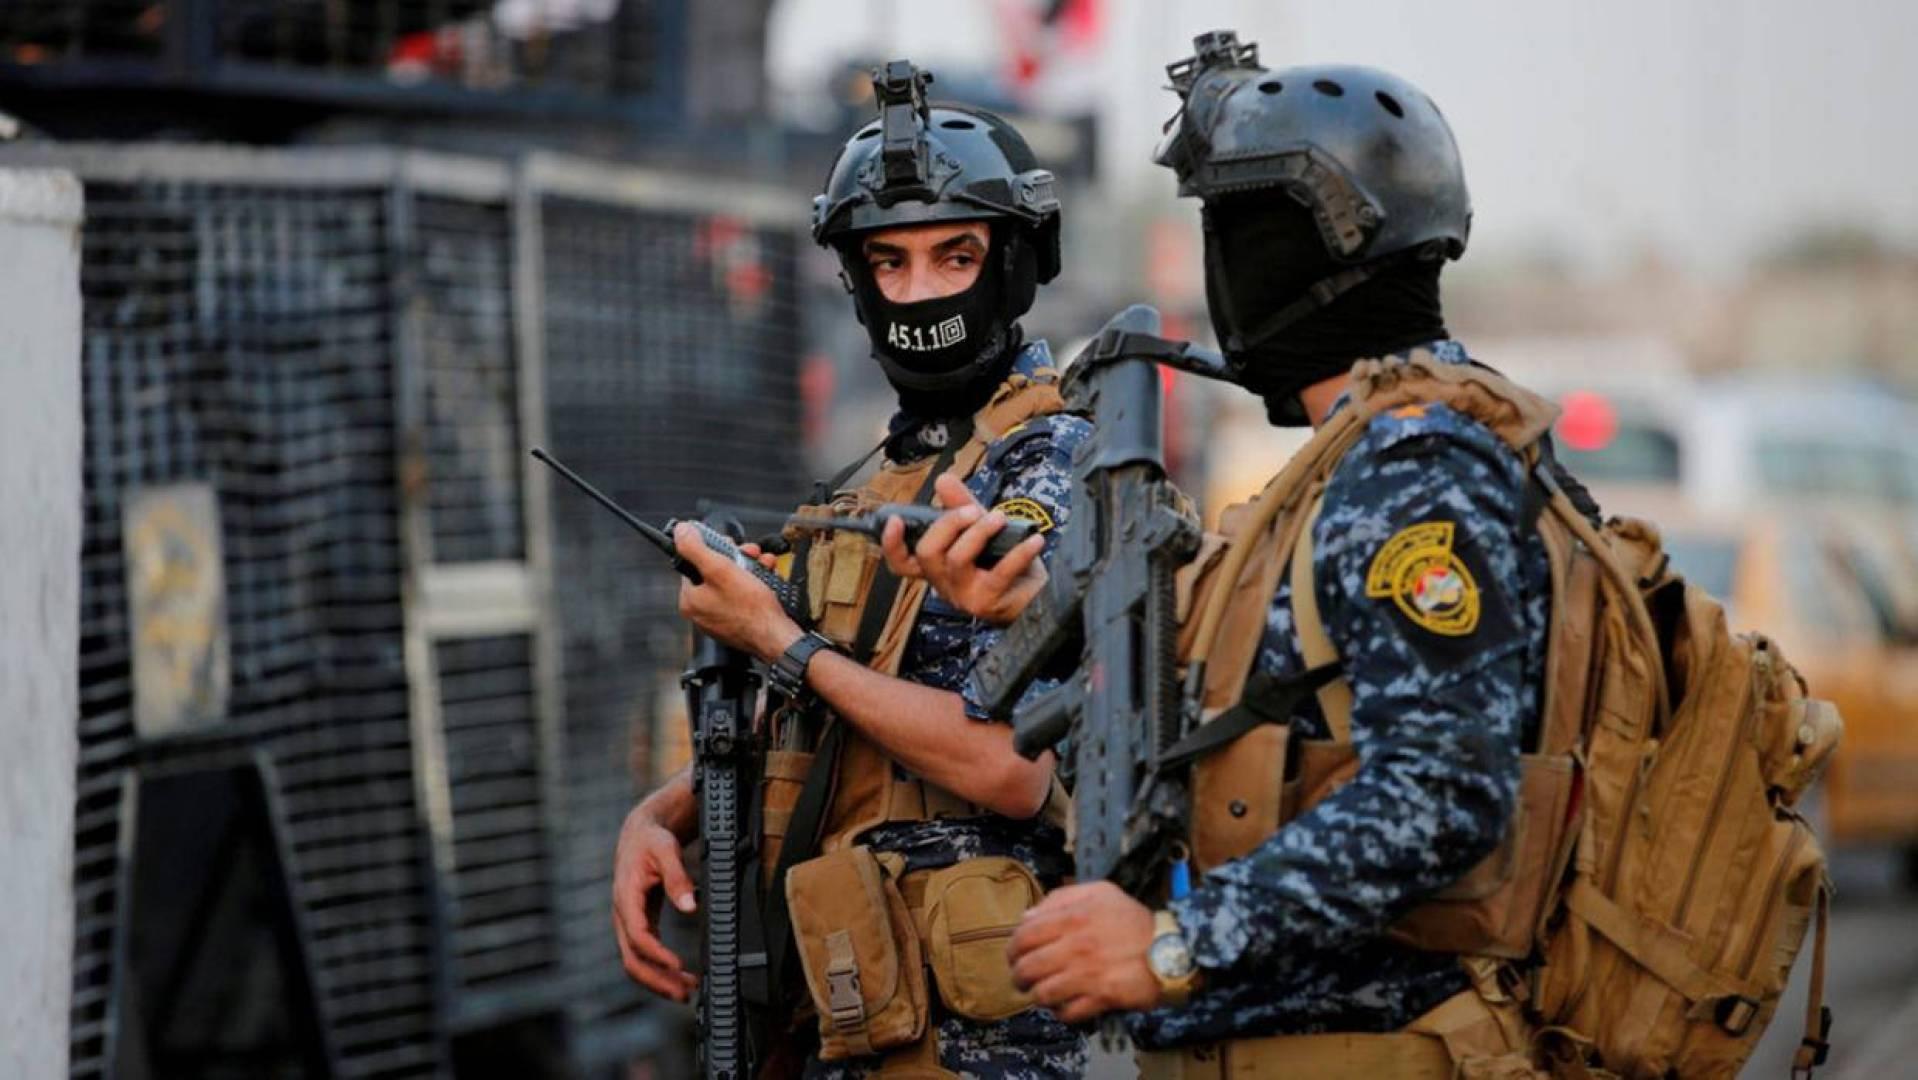 مسلحون مجهولون يغتالون الناشط حقي العزاوي في بغداد